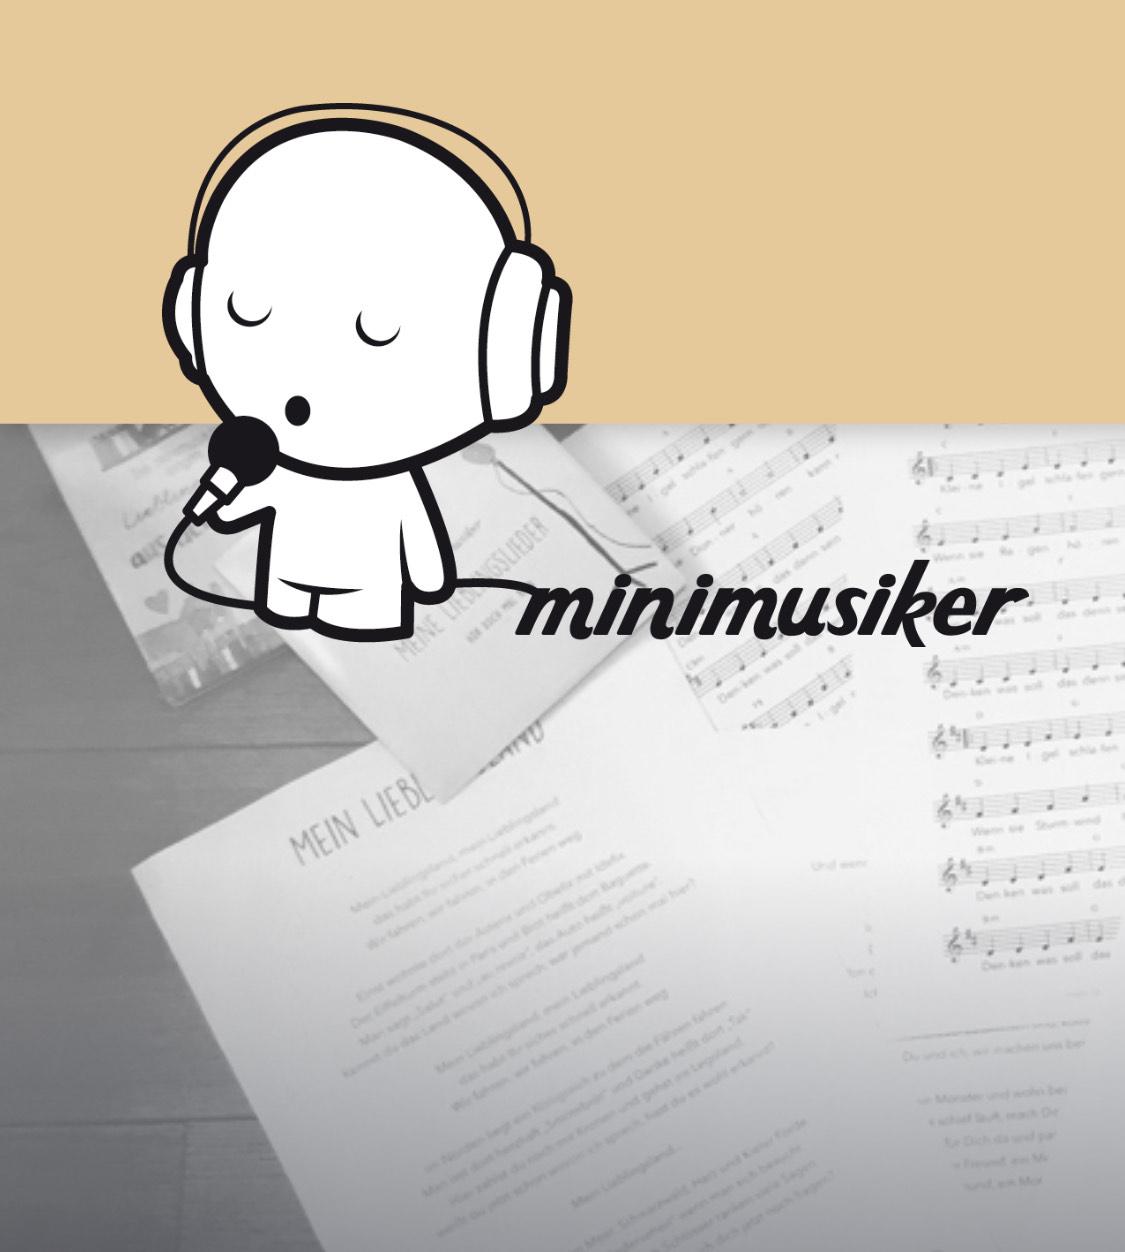 Minimusiker Weihnachts- Herbst und Kinderlieder kostenlos zum herunterladen für Tonies zb Weihnachtsmann Freebie Lieder Songtext umsonst MP3